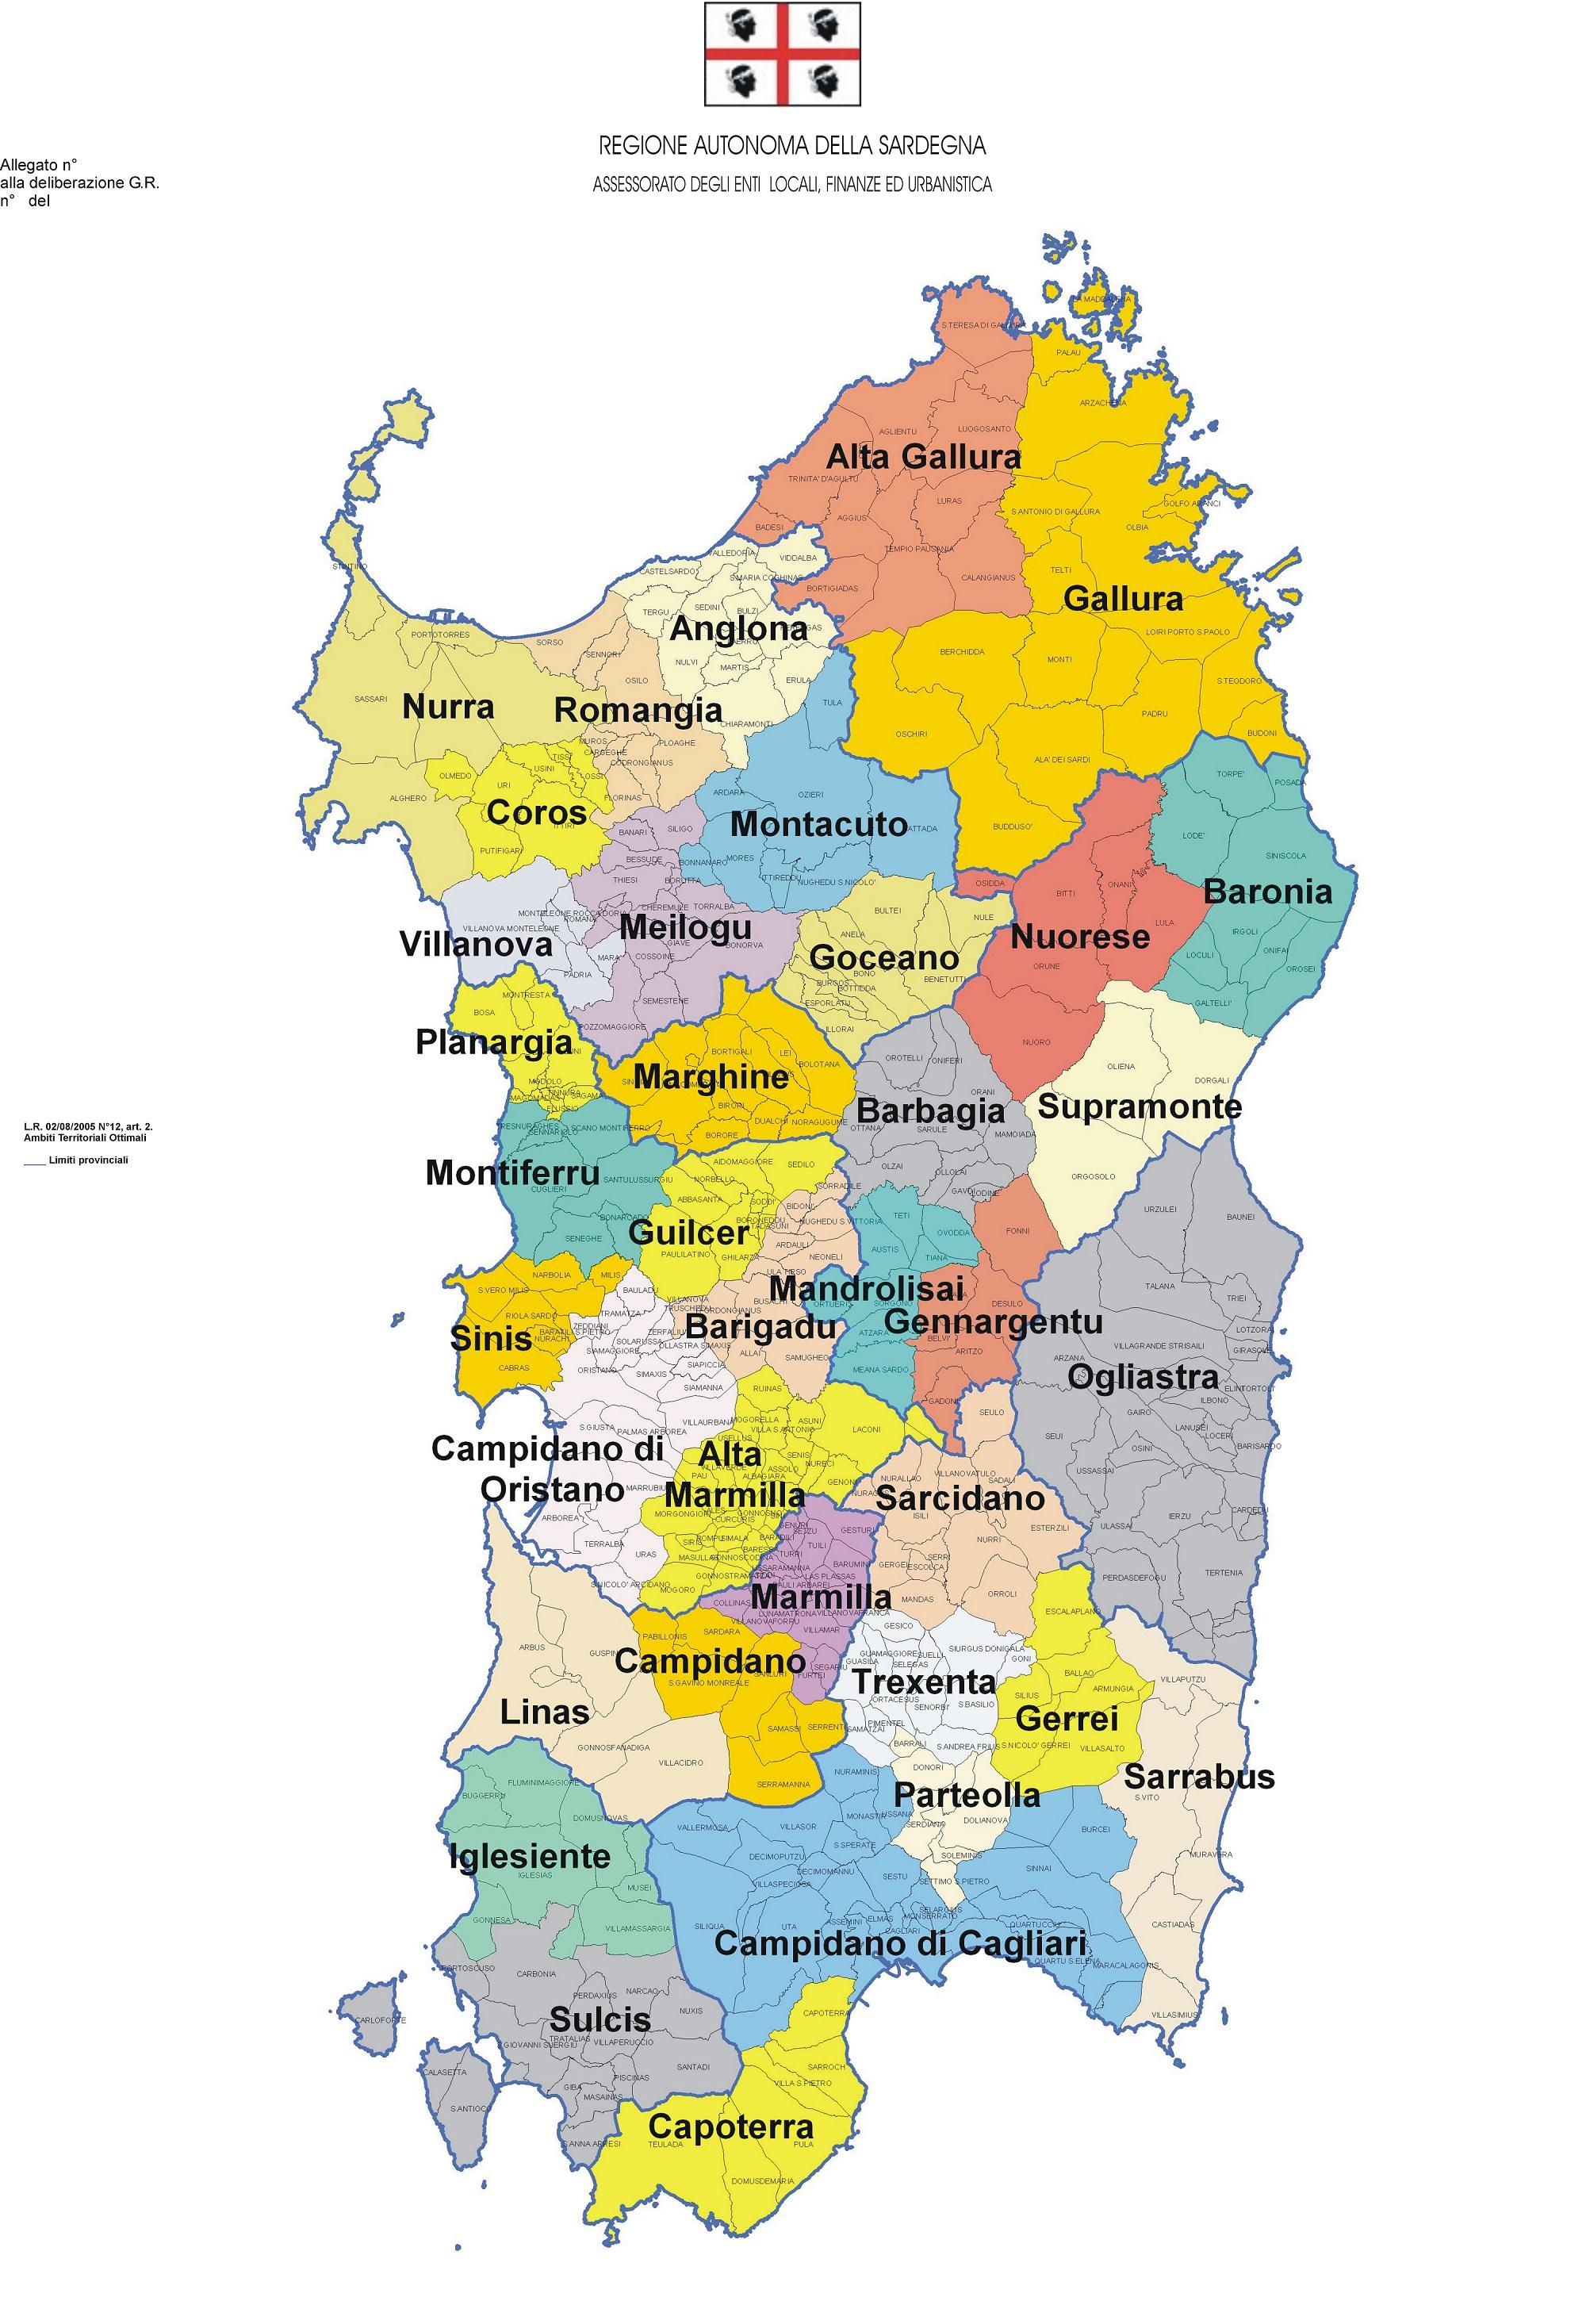 Sardegna Cartina Geografica.La Questione Delle Regioni Storiche Della Sardegna Nurnet